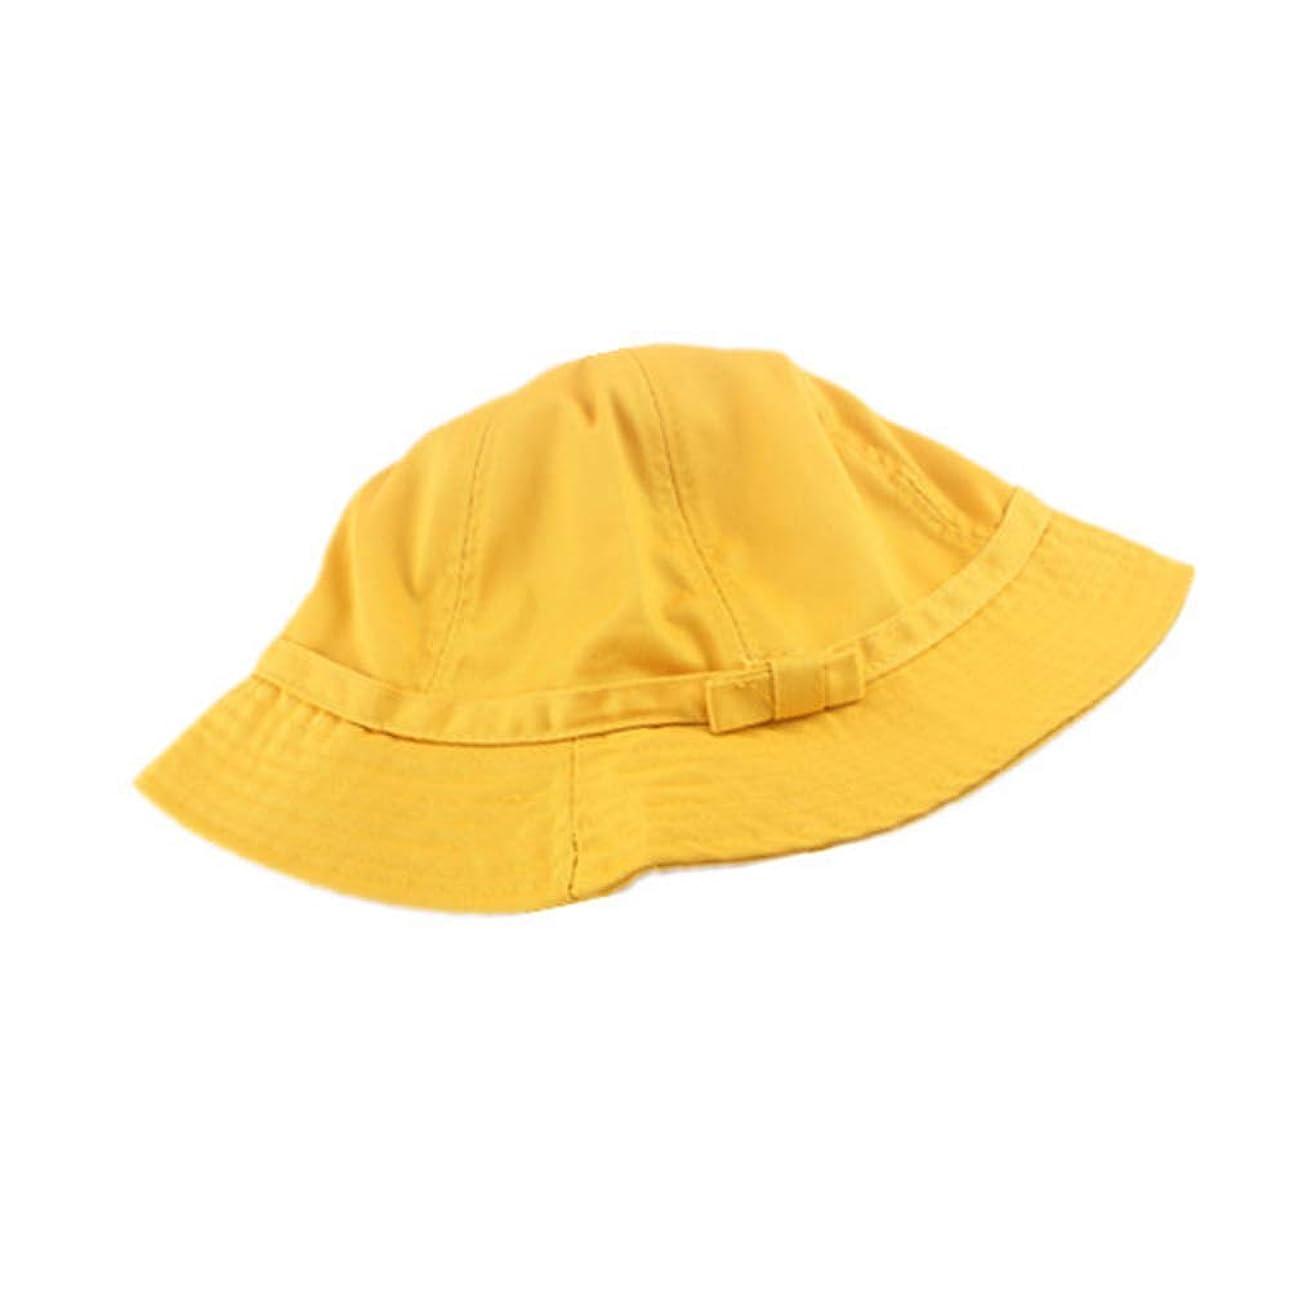 調和のとれた生きていると夏の紫外線日焼け防止女性男性帽子屋外綿バケツ帽子折りたたみ漁師キャップビーチ旅行狩猟園芸キャンプ